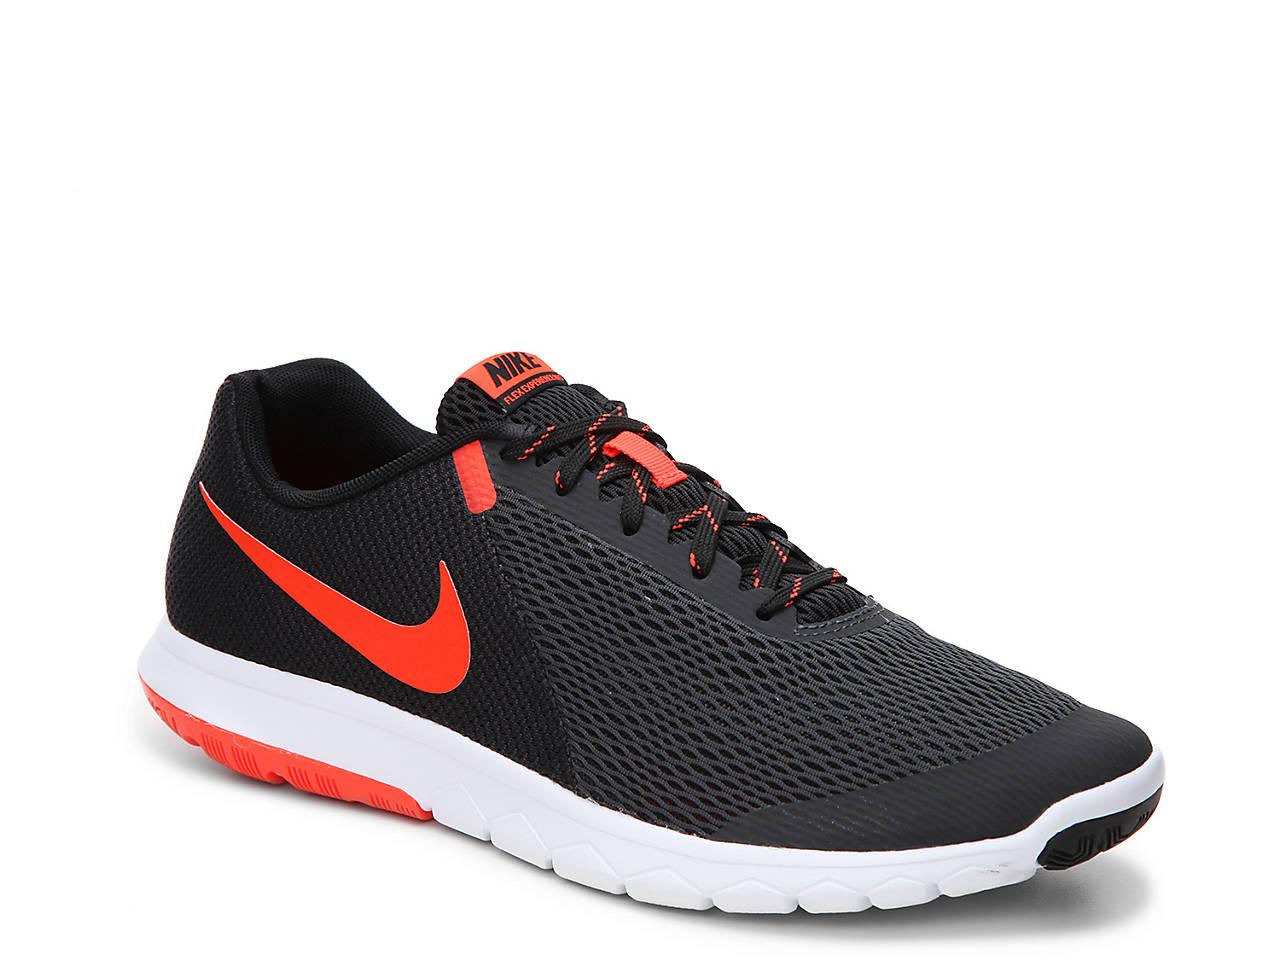 21263cddffdc Nike Flex Experience Run 5 Lightweight Running Shoe - Men s Men s ...